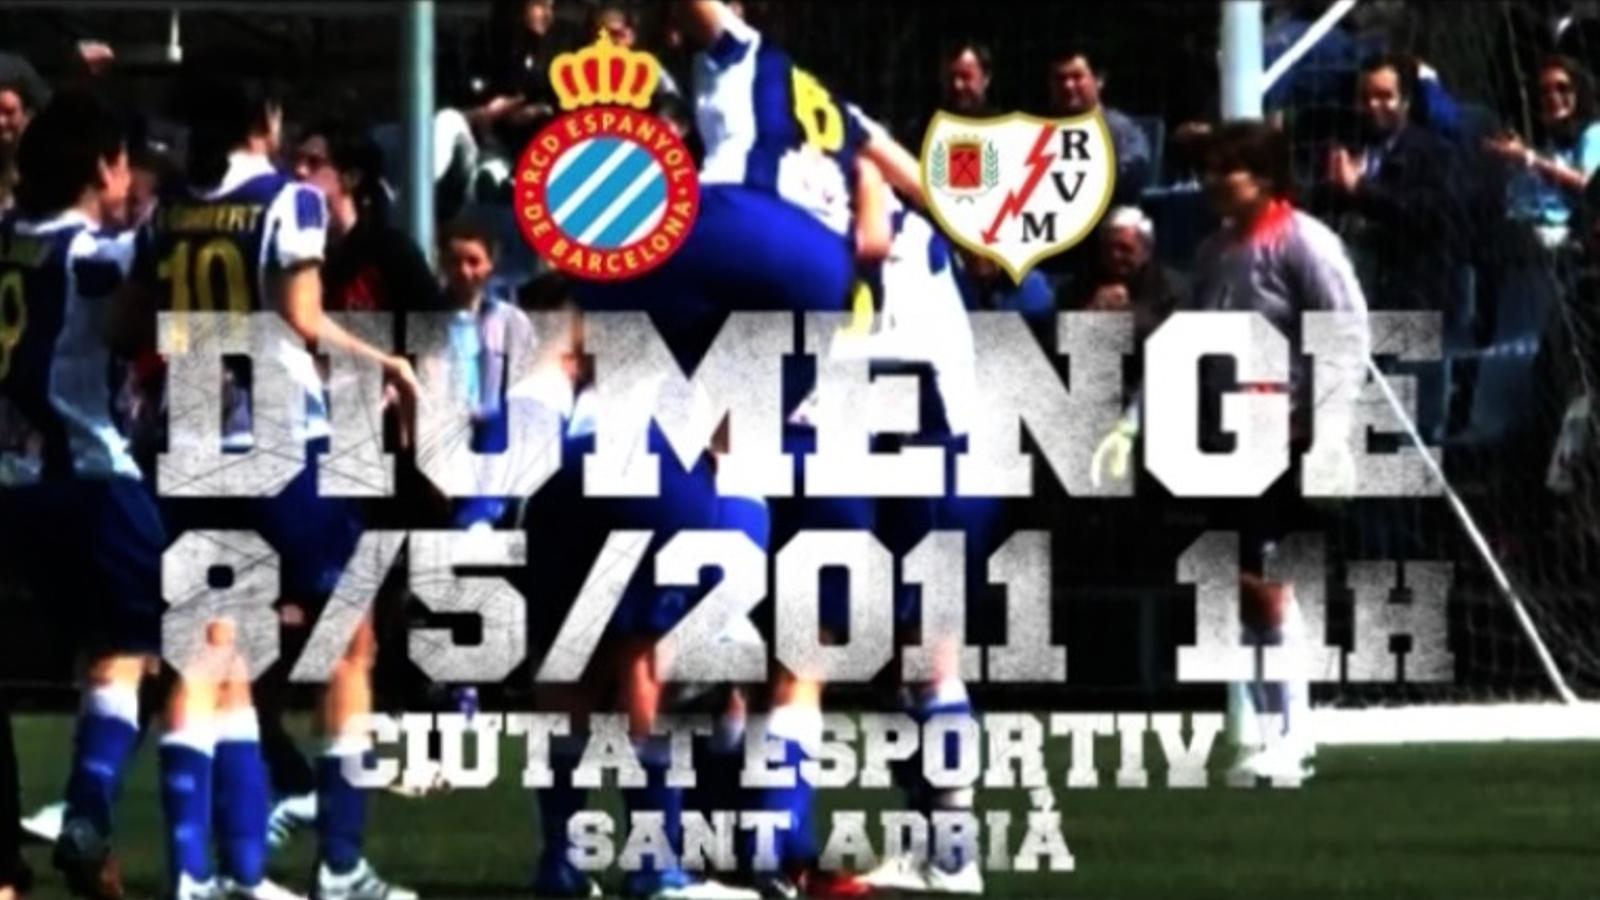 Vídeo promocional de l'Espanyol femení pel partit de tornada de la Superlliga